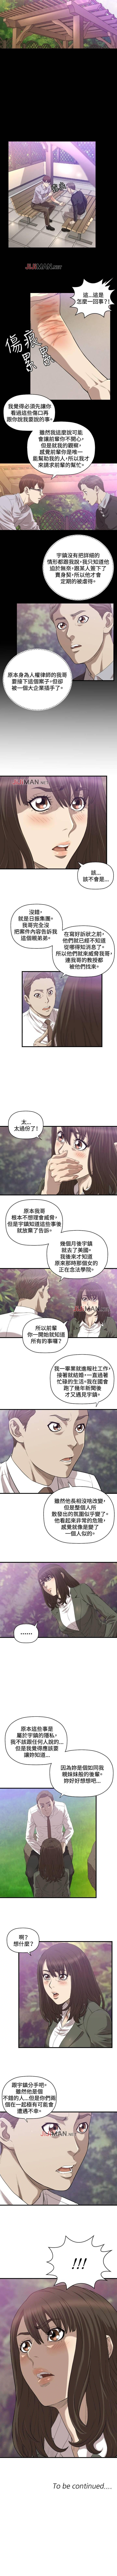 【已完结】索多玛俱乐部(作者:何藝媛&庫奈尼) 第1~32话 93